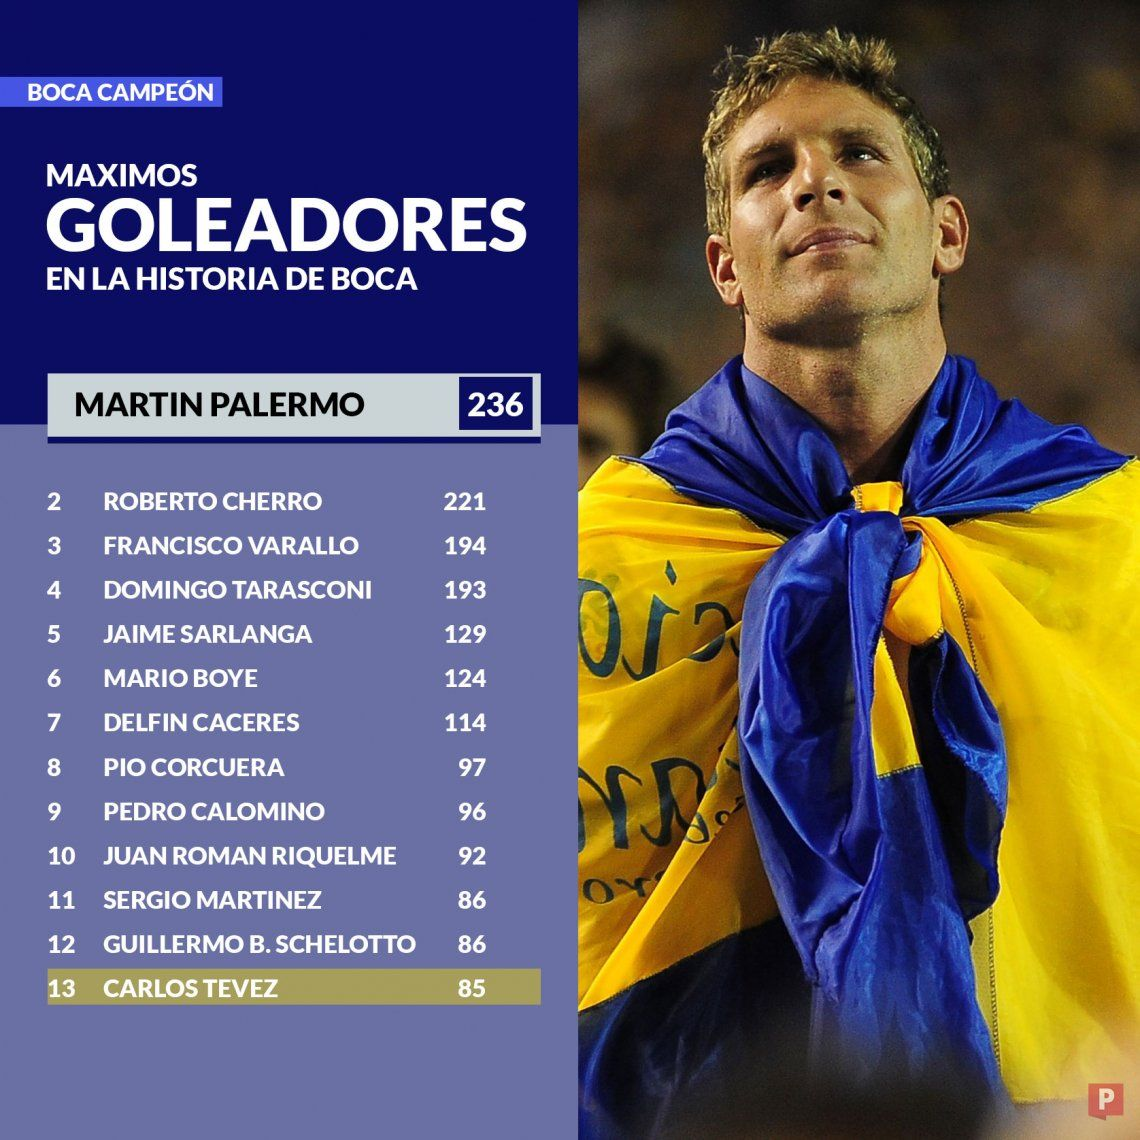 Infografía: así quedó Carlos Tevez en la tabla de máximos goleadores de Boca